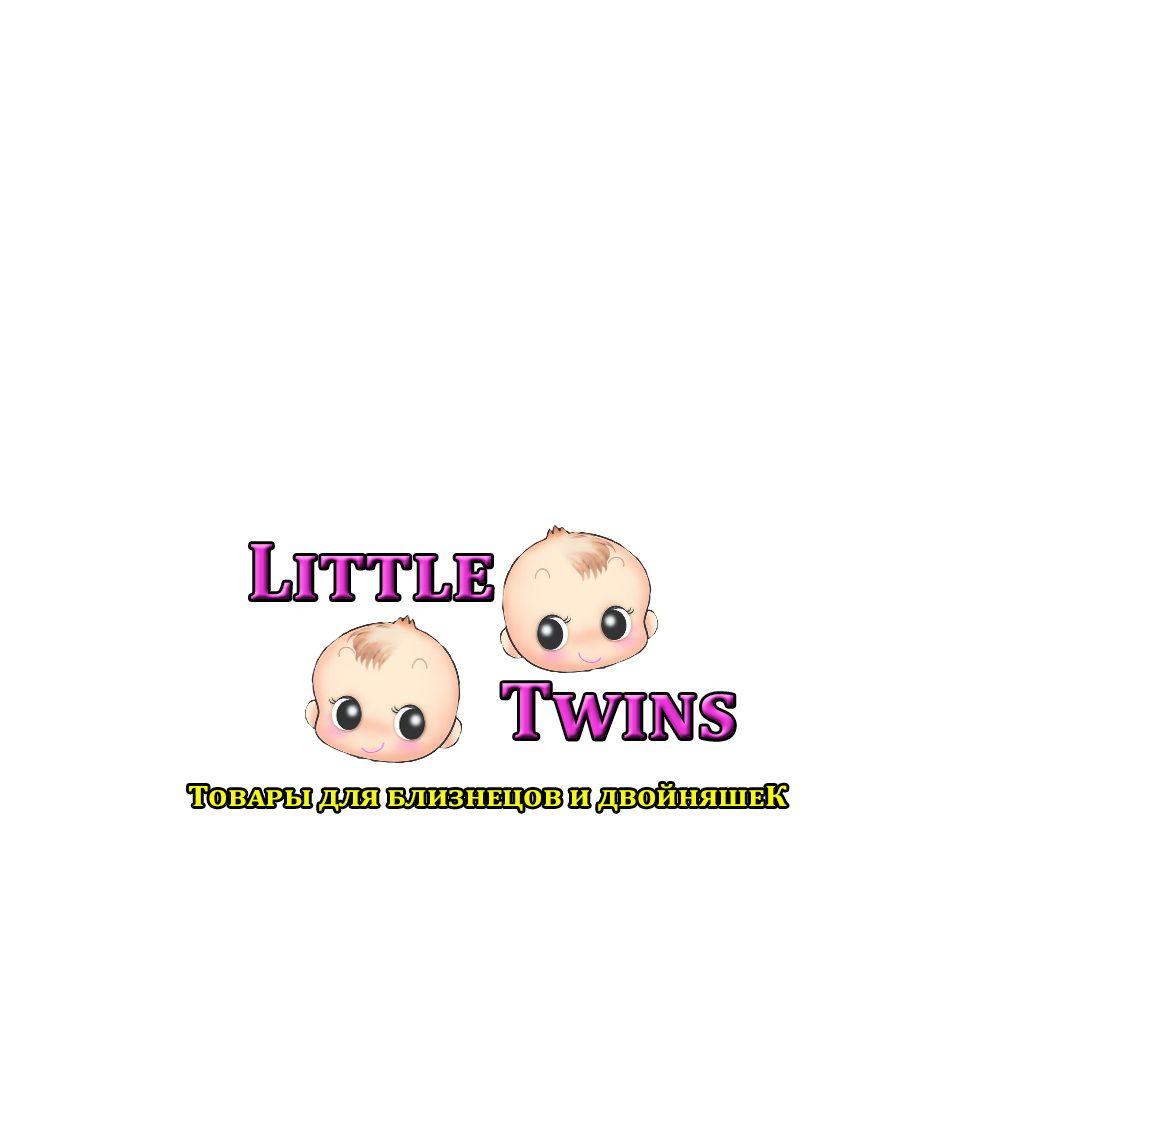 Логотип детского интернет-магазина для двойняшек - дизайнер deswert